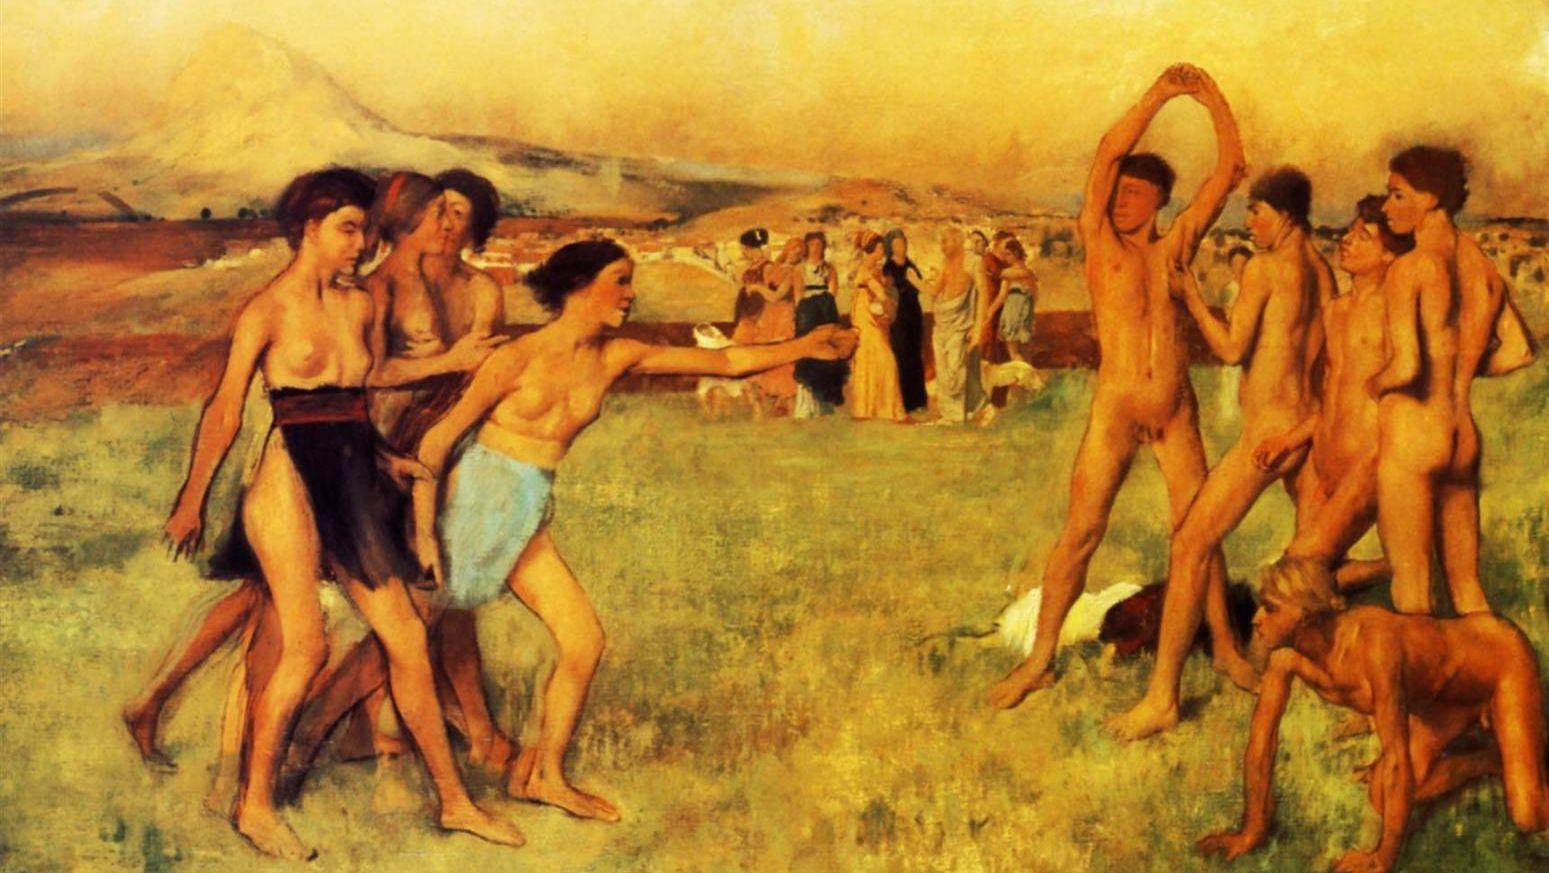 Эдгар Дега. Спартанские девушки вызывают на состязание юношей (фрагмент). 1860